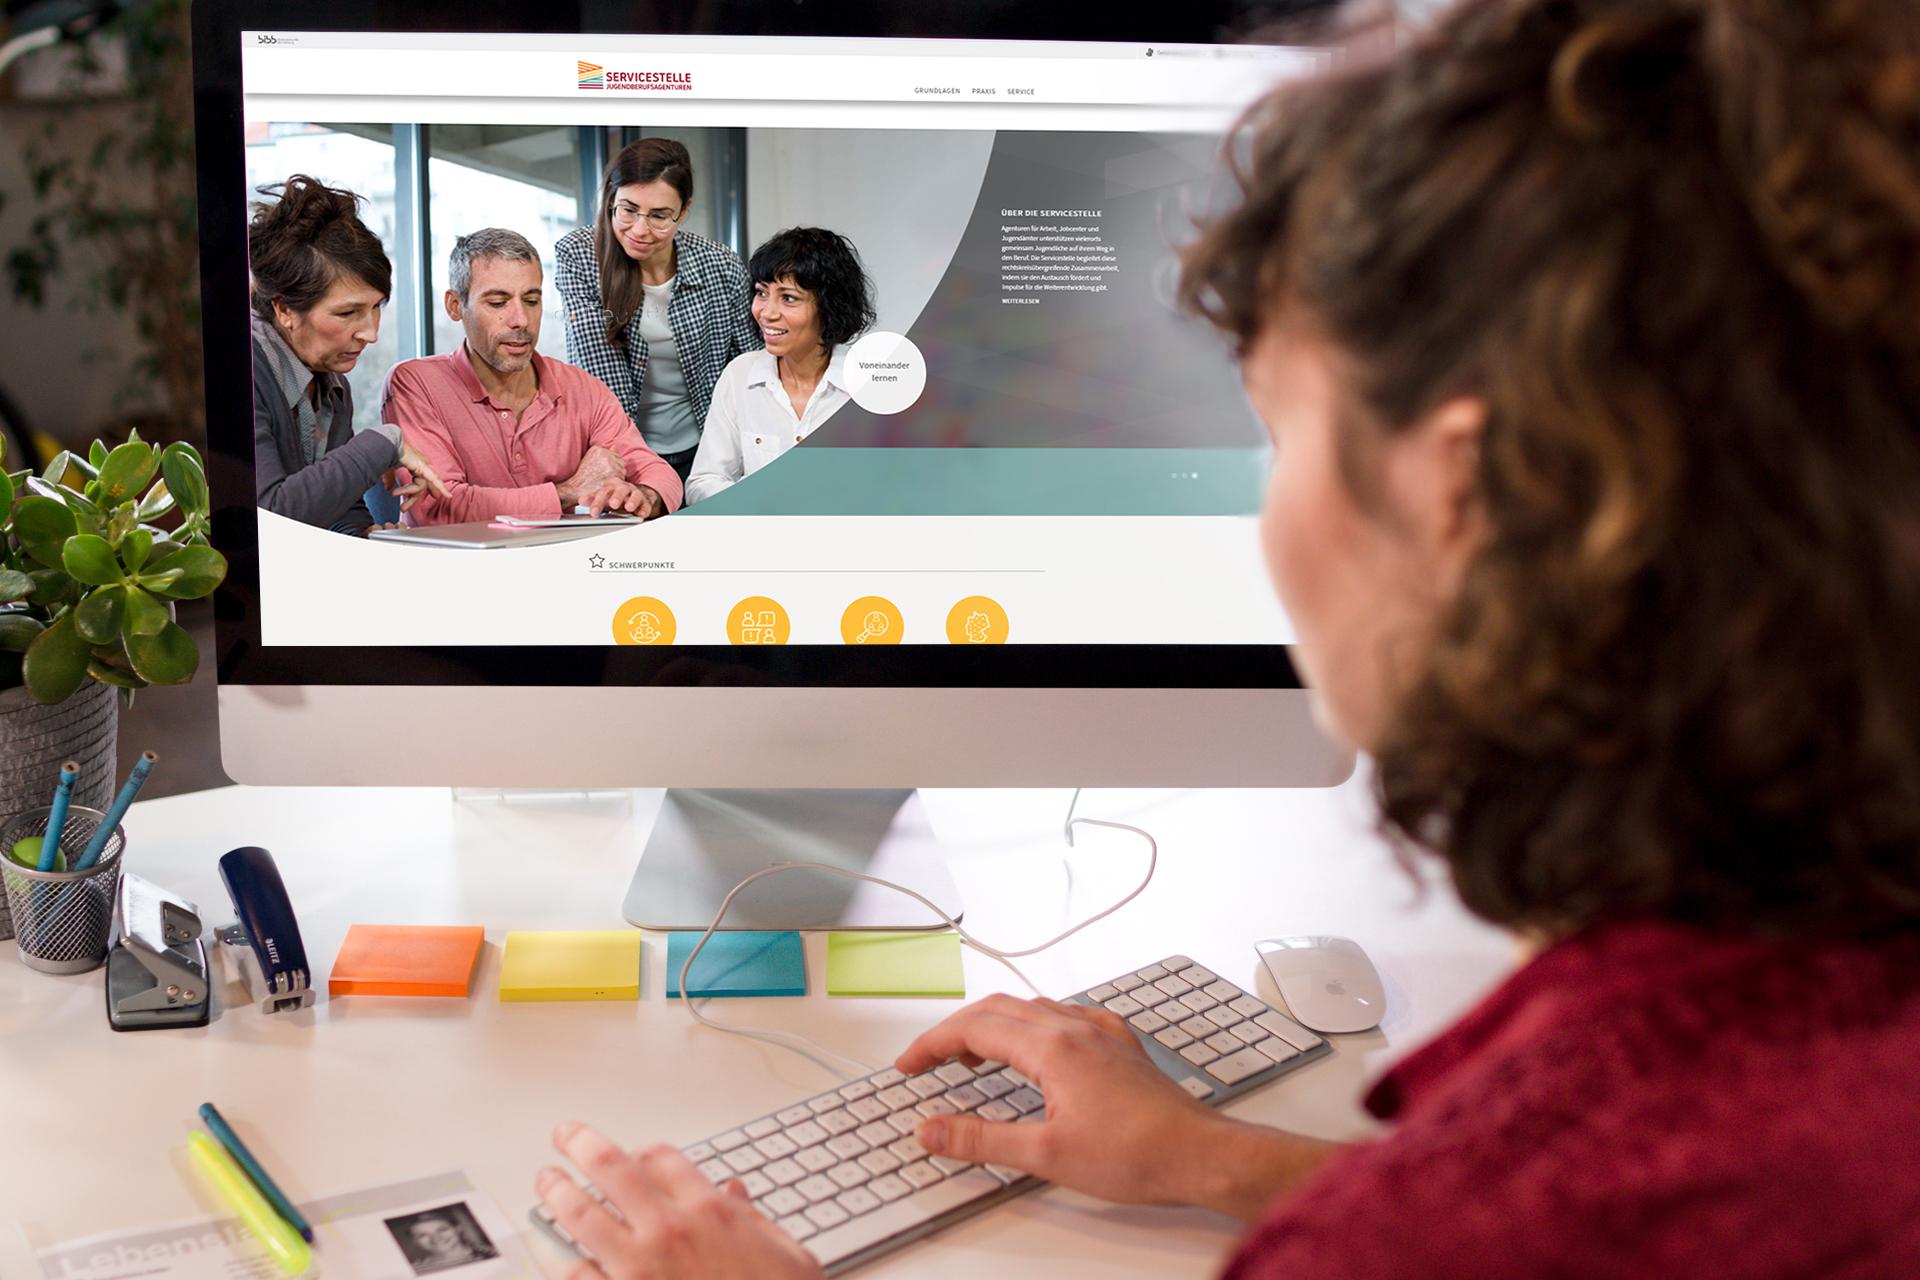 Eine Frau sitzt am Schreibtisch und bedient die Tastatur. Sie schaut auf den Bildschirm, auf welchem vier Mitarbeiter zusammen über etwas sprechen.